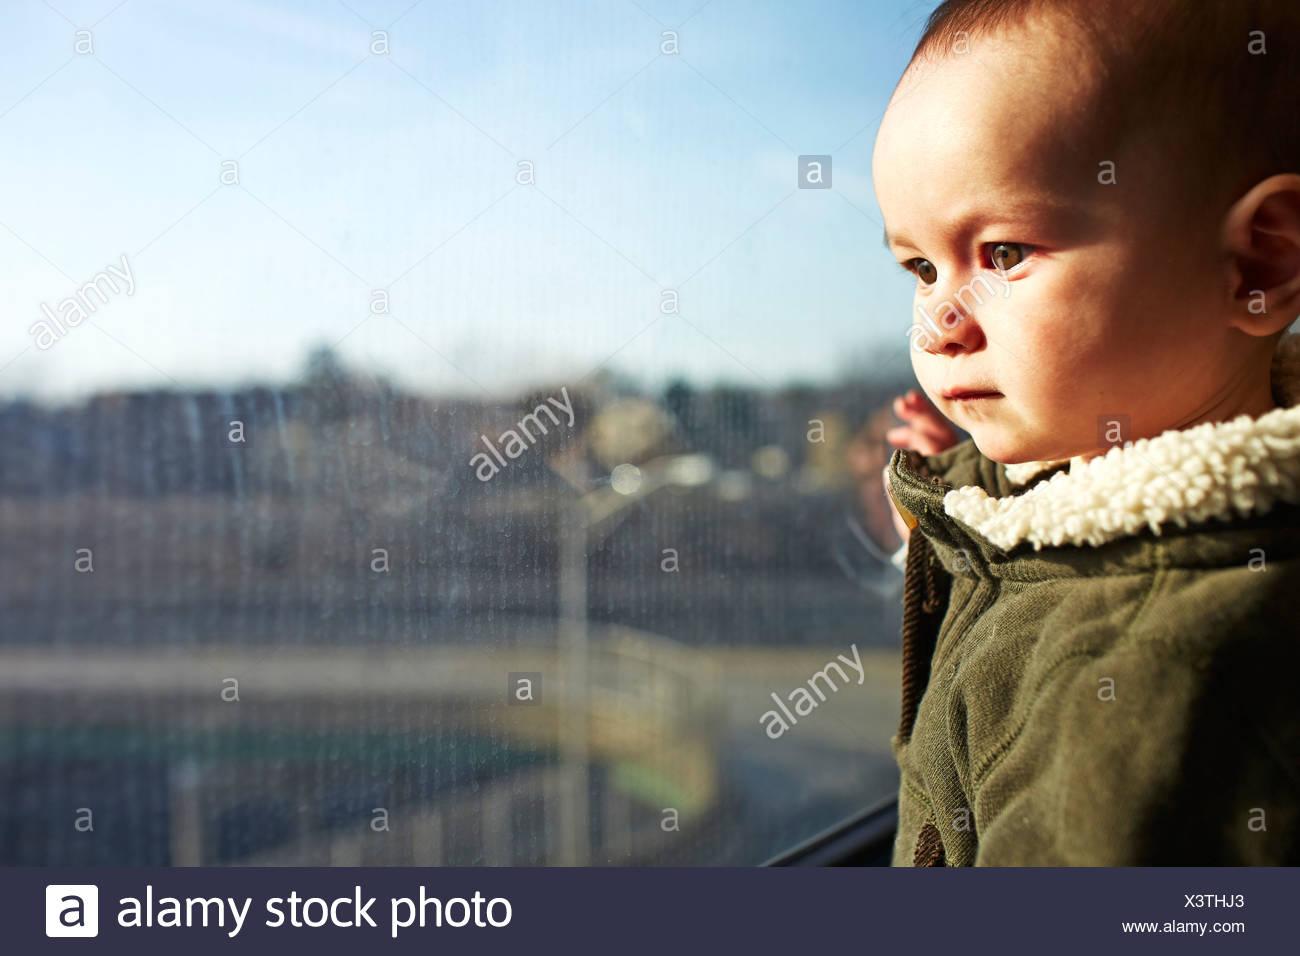 Nahaufnahme von Baby junge starrte aus dem Fenster Stockbild